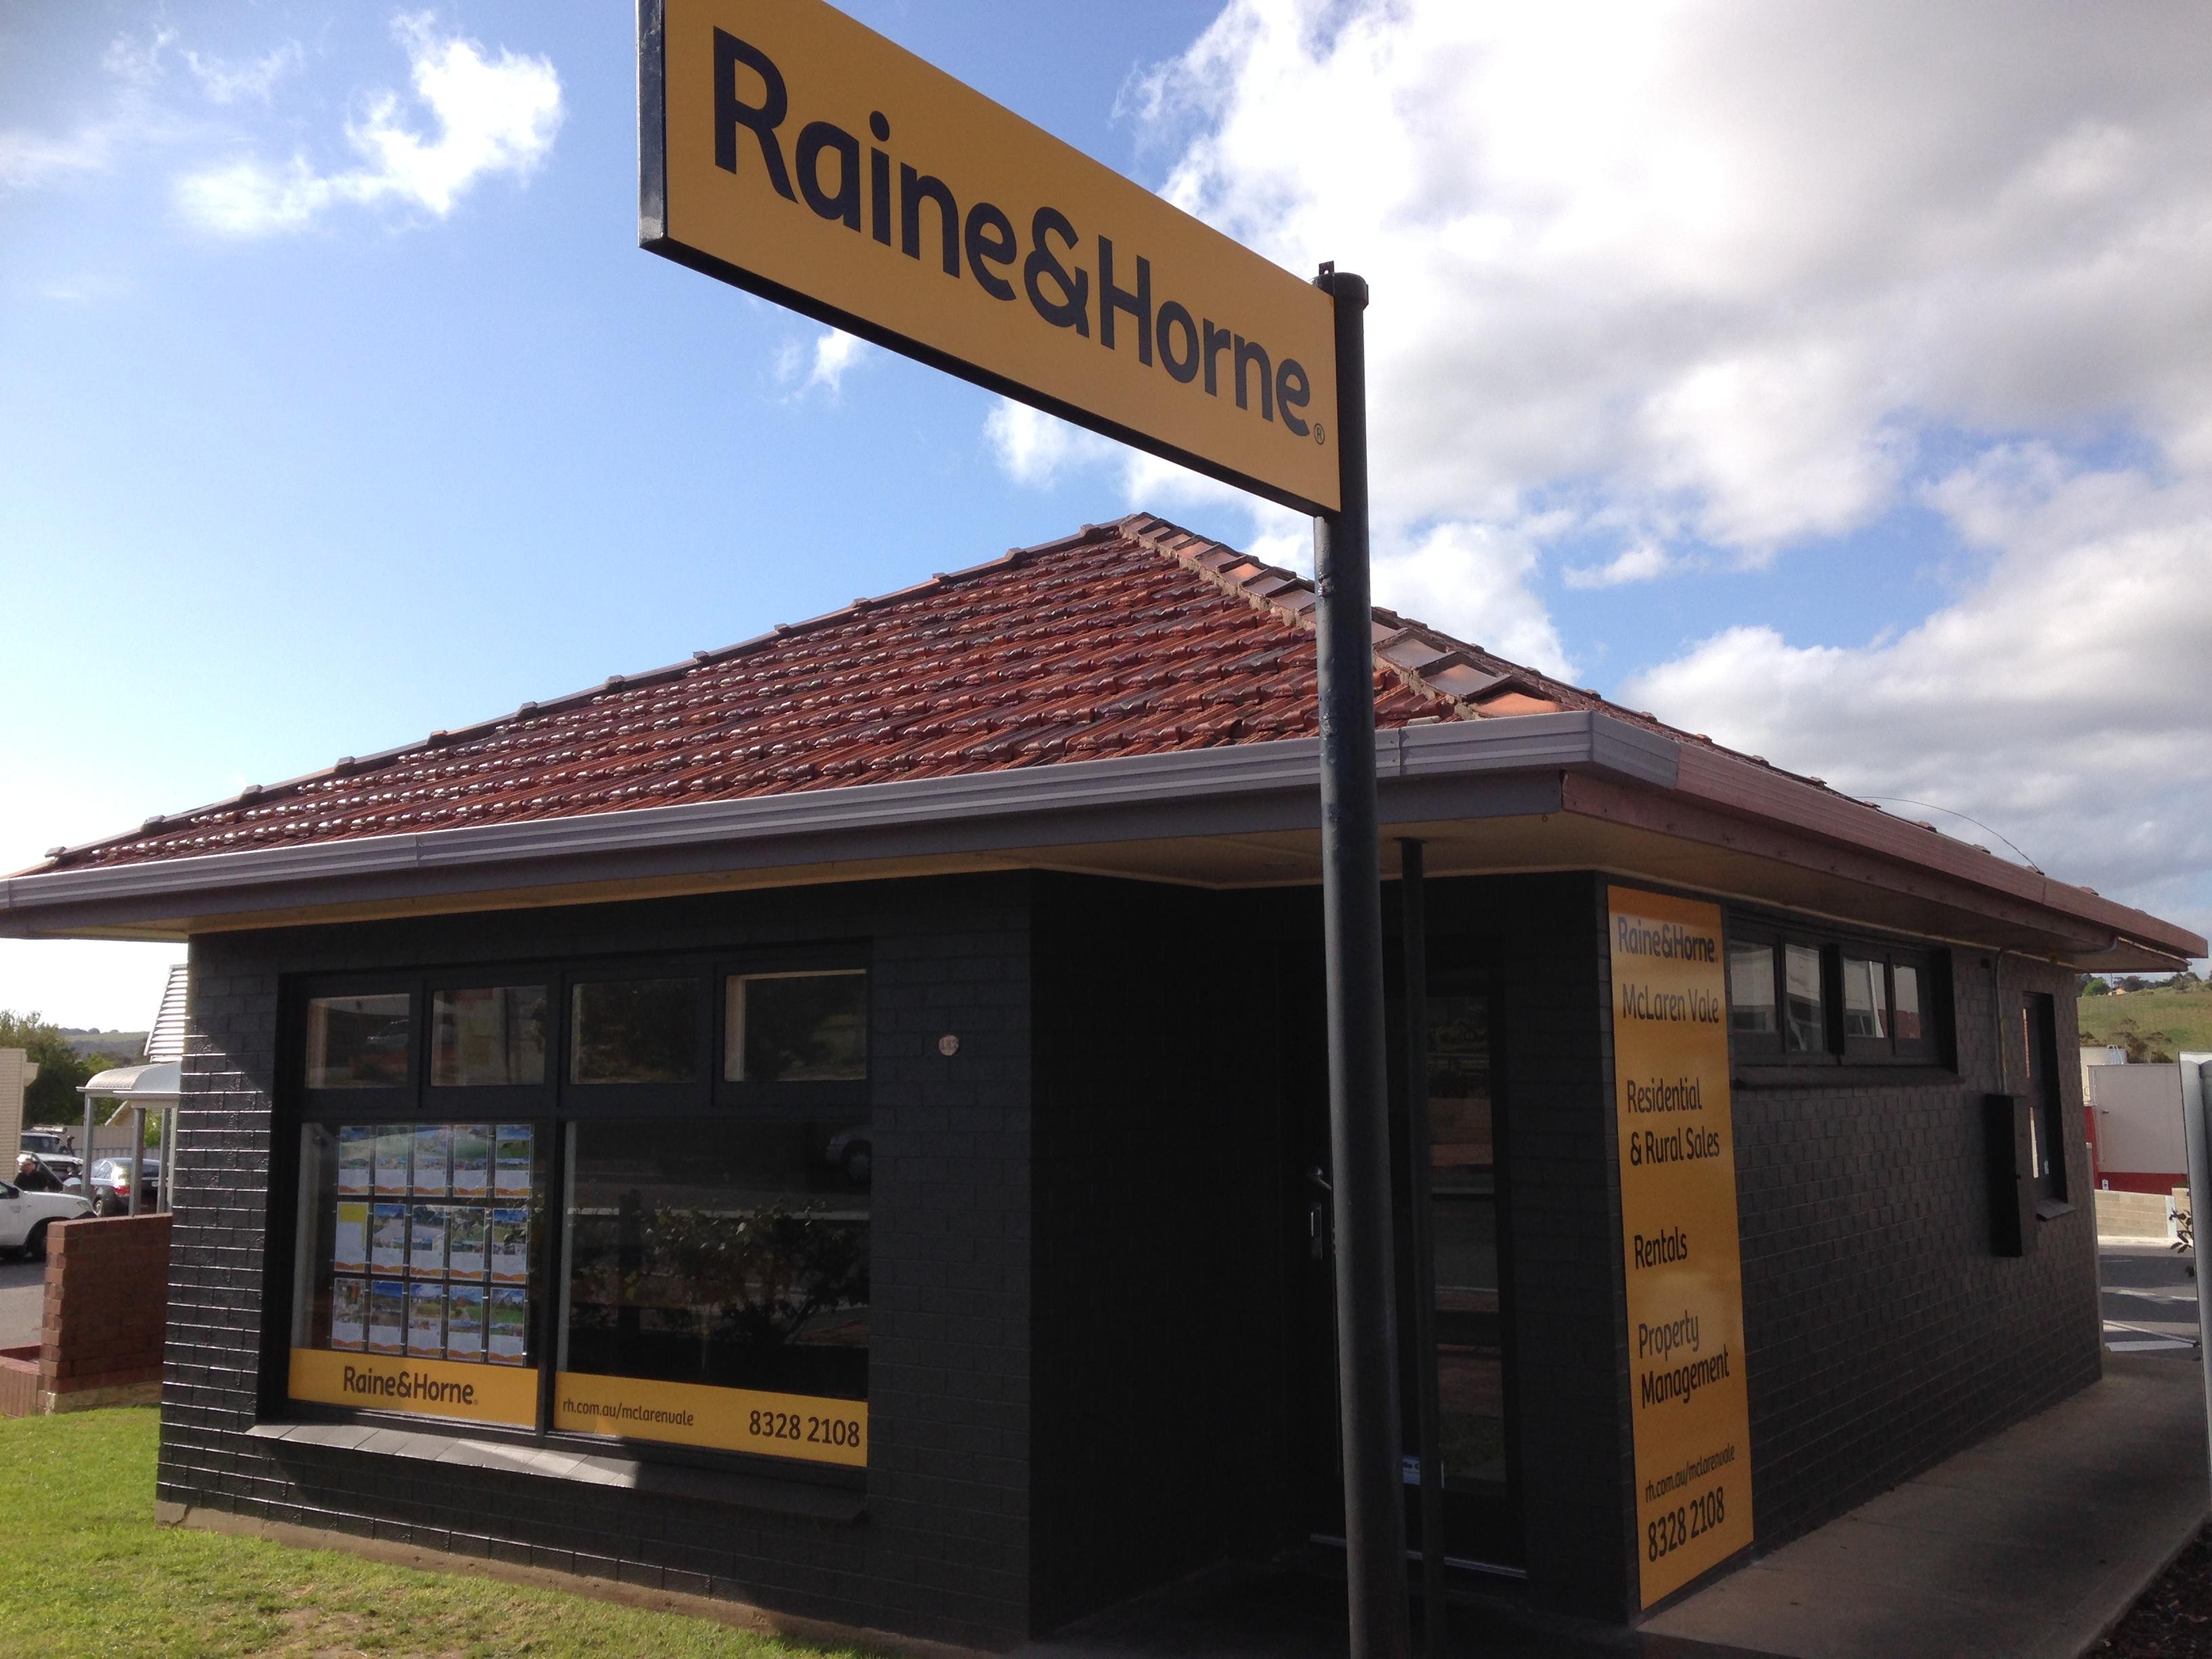 Raine & Horne McLaren Vale